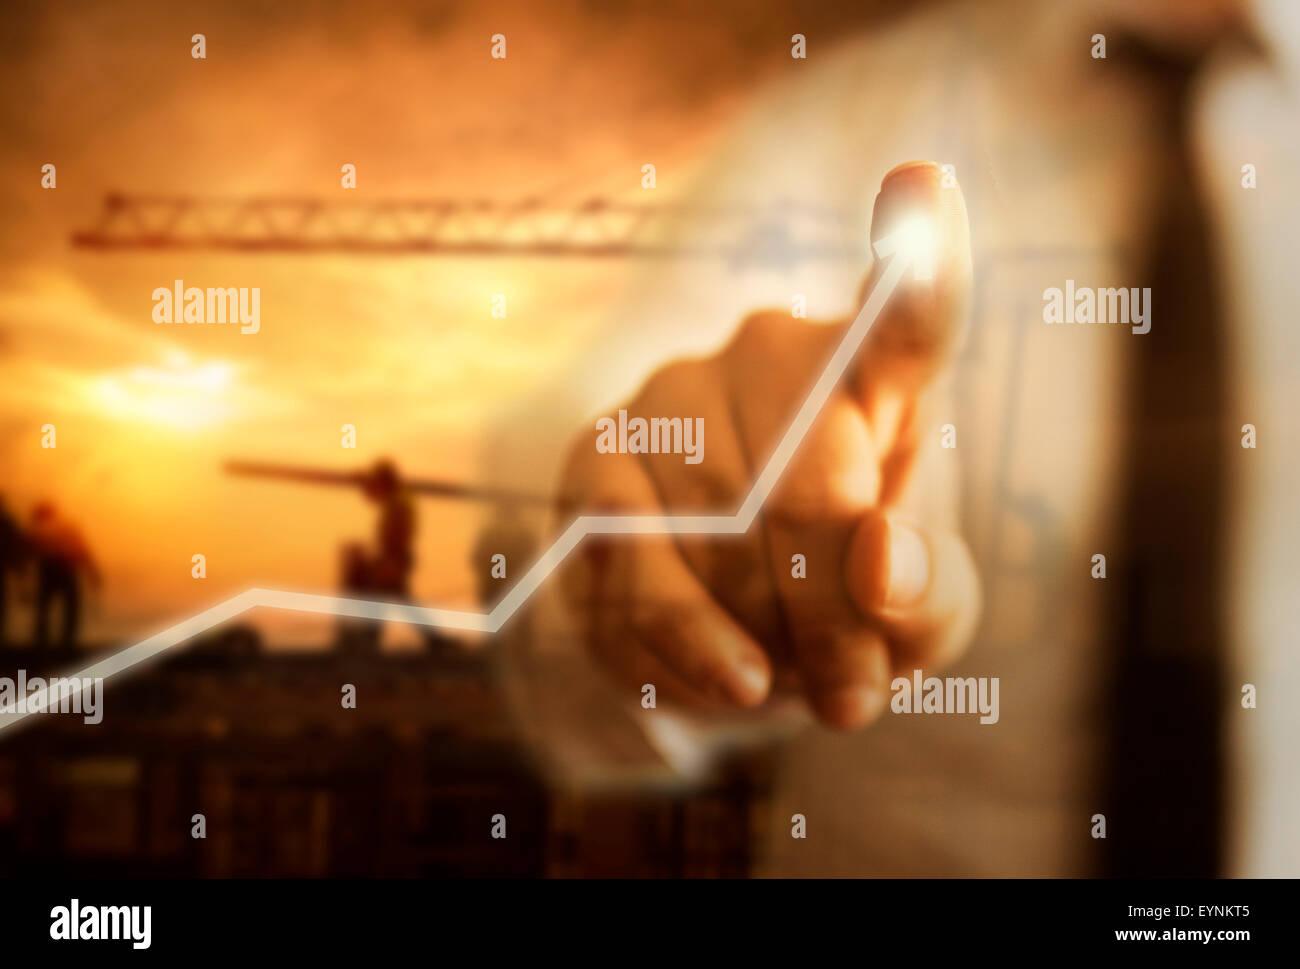 Business-Wachstum-Konzept Stockbild